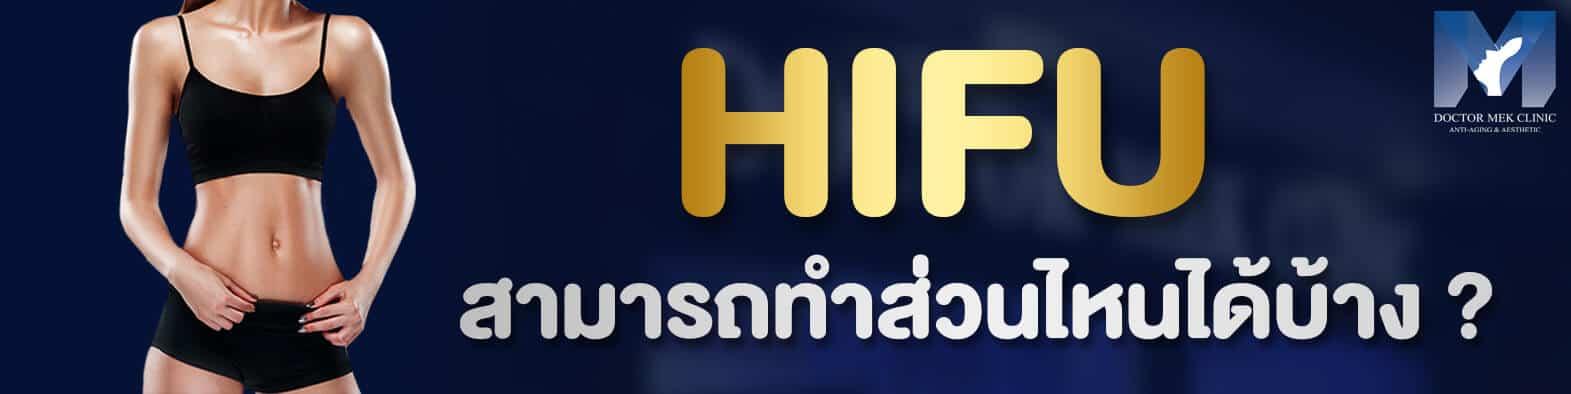 HIFU ( ไฮฟู่ ) สามารถทำส่วนไหนได้บ้าง ?